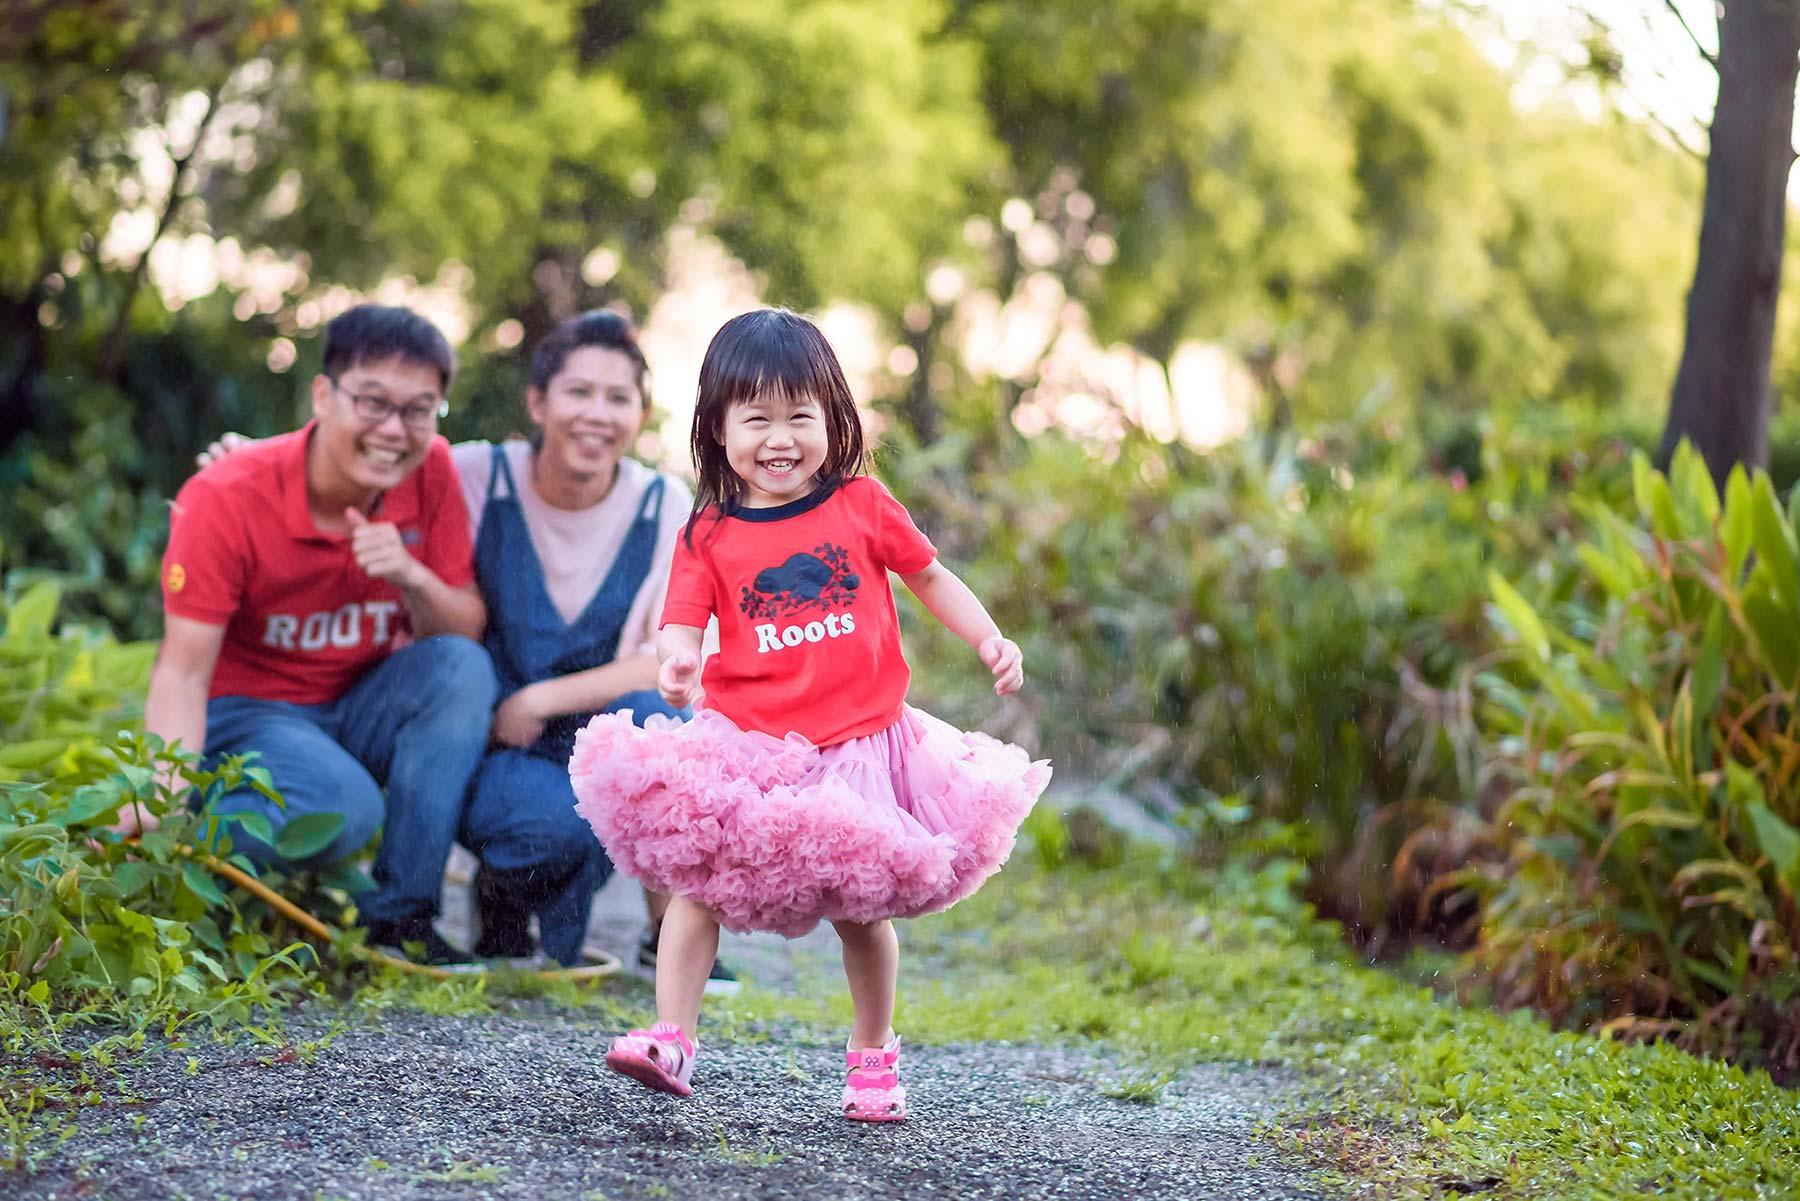 寶貝女兒 玩水 親子寫真 親子互動 中部親子攝影師 兒童攝影師推薦